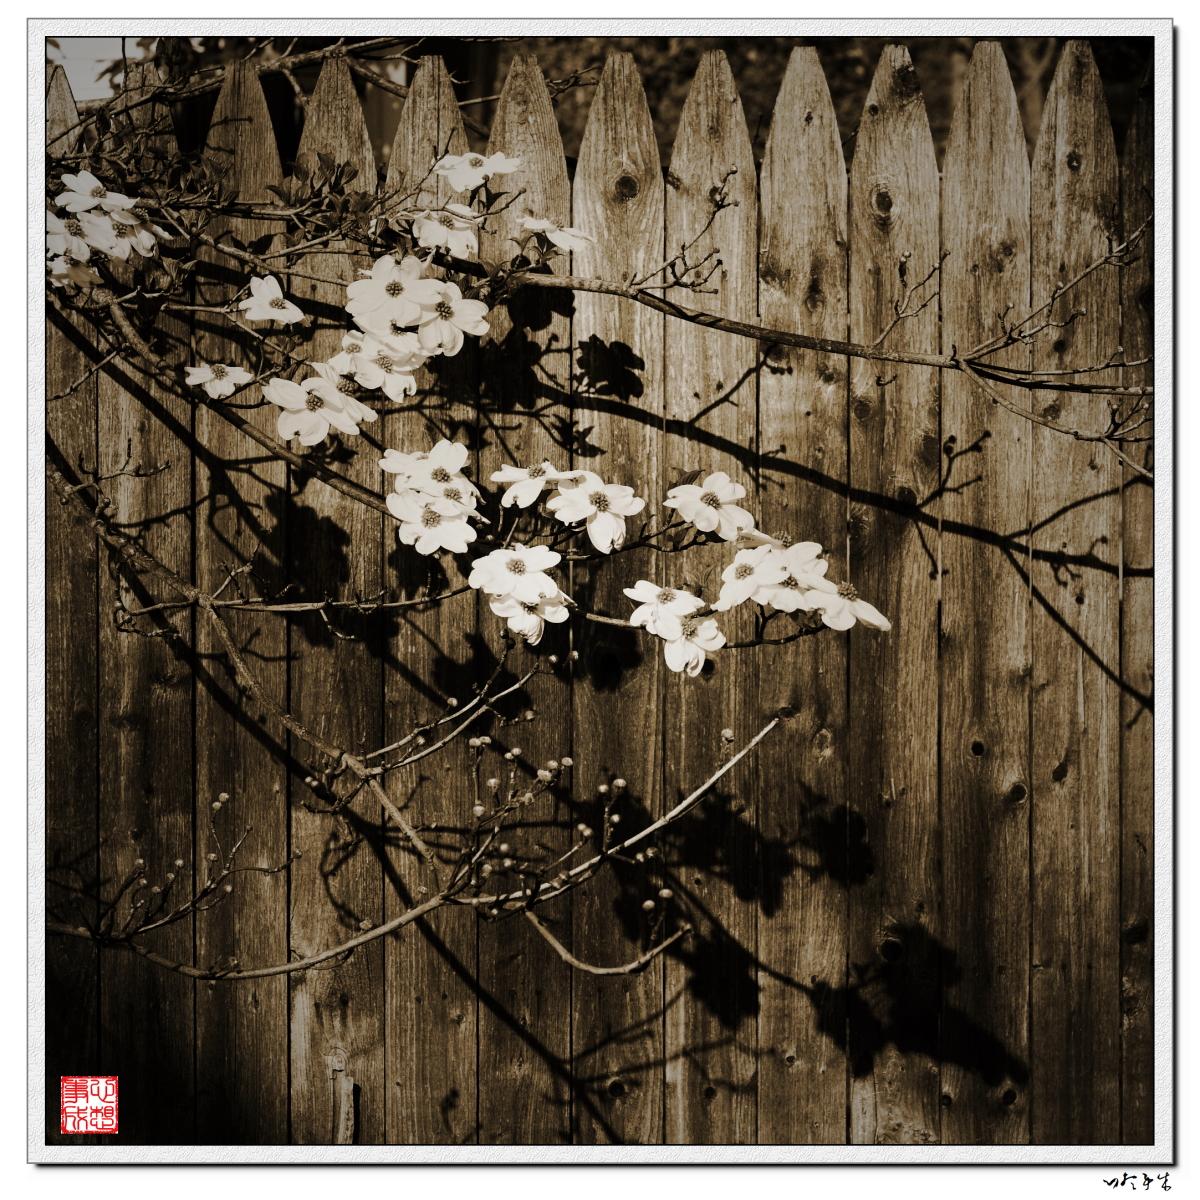 【心想事成】走进春天,感受春意_图1-12